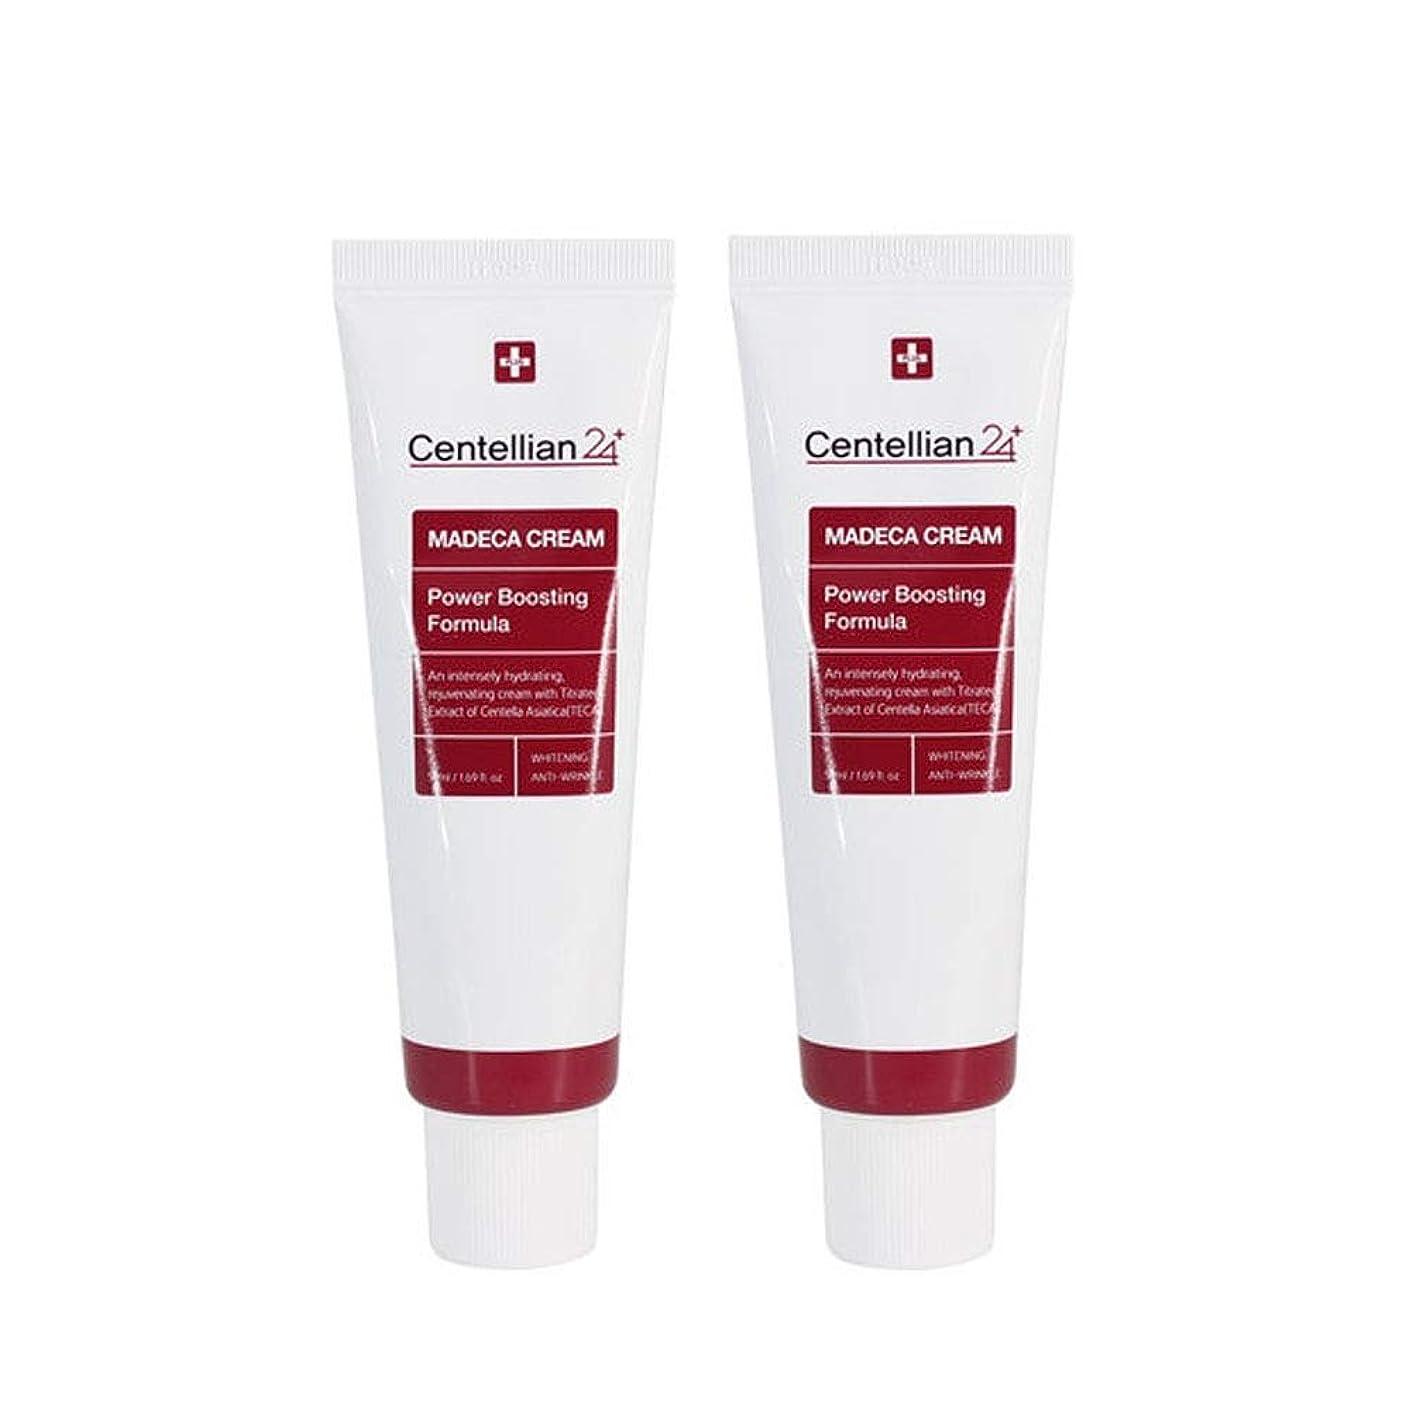 水銀の造船パッケージセンテルリアン24マデカークリームパワーブスティングフォーミュラ50mlx2本セット東国韓国コスメ 、Centellian24 Madeca Cream Power Boosting Formula 50ml x 2ea Set Dongkook Korean Cosmetics [並行輸入品]